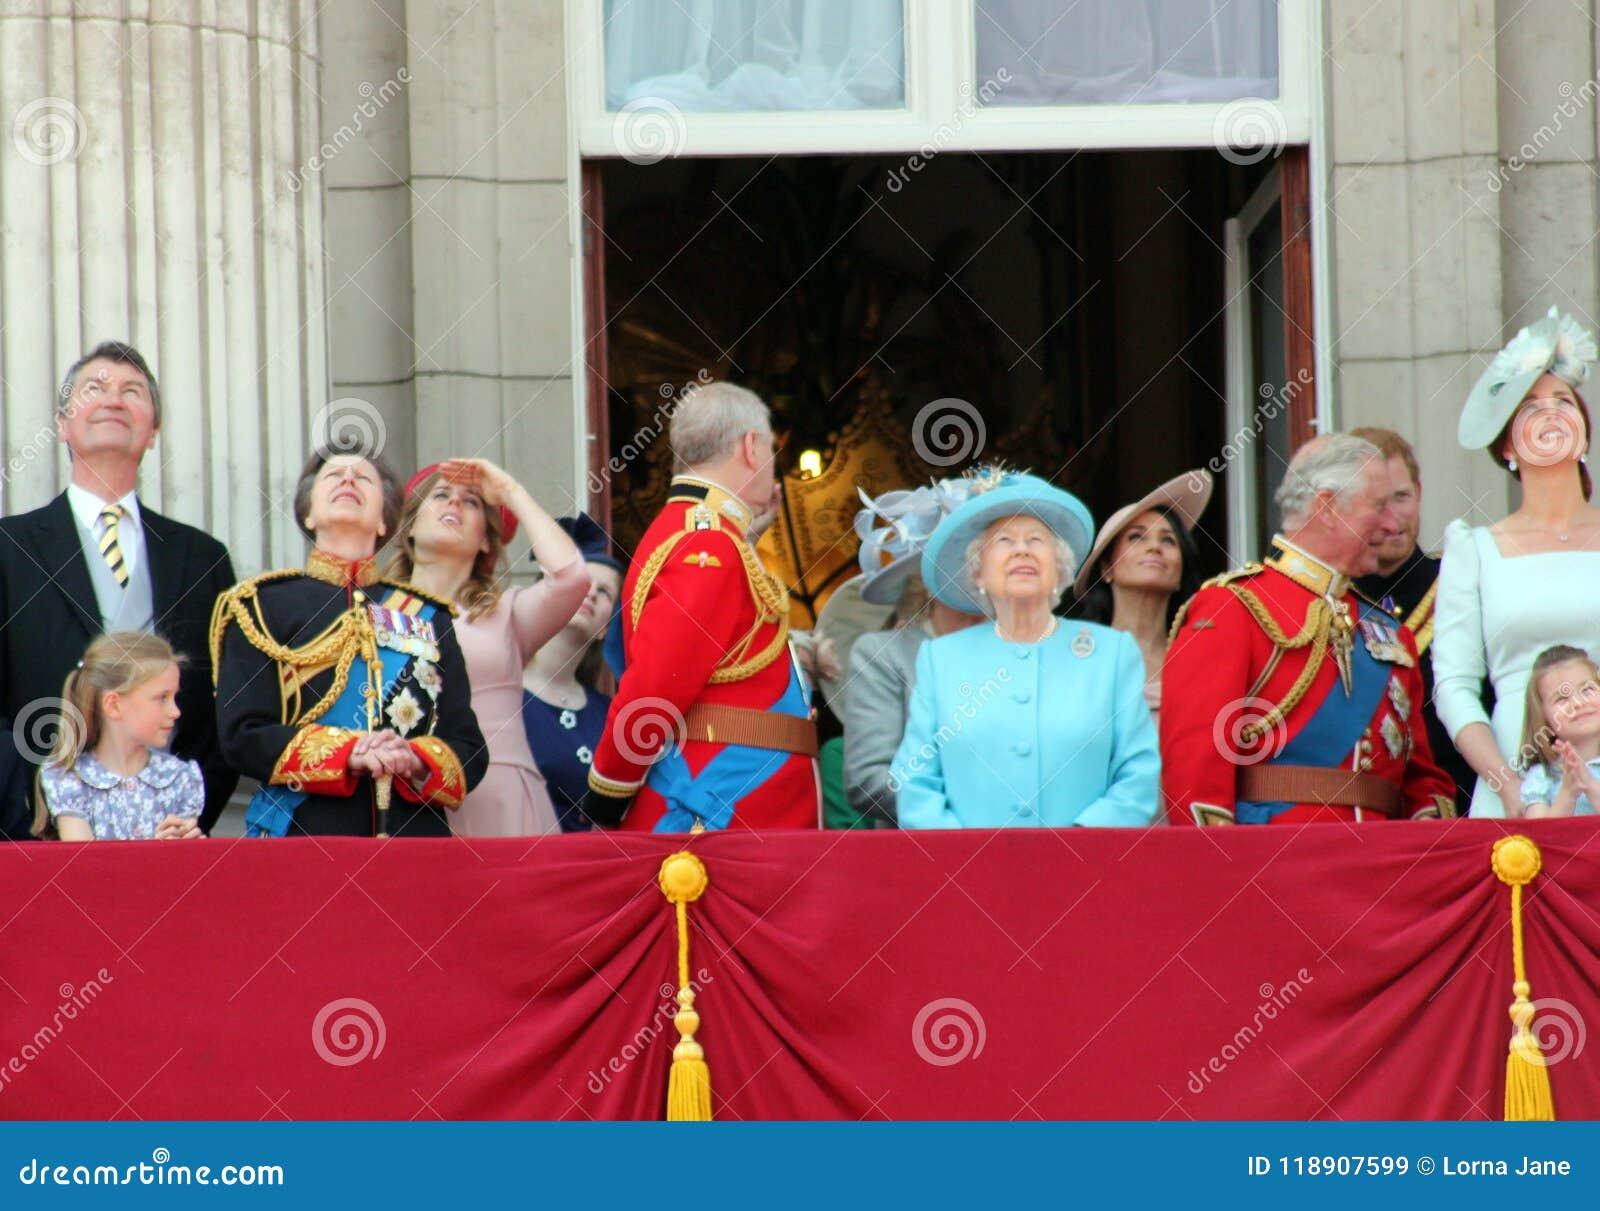 Ферзь Элизабет, Лондон, Великобритания, 9-ое июня 2018 - Meghan Markle, принц Гарри, принц Джордж Вильям, Чарльз, Kate Middleton